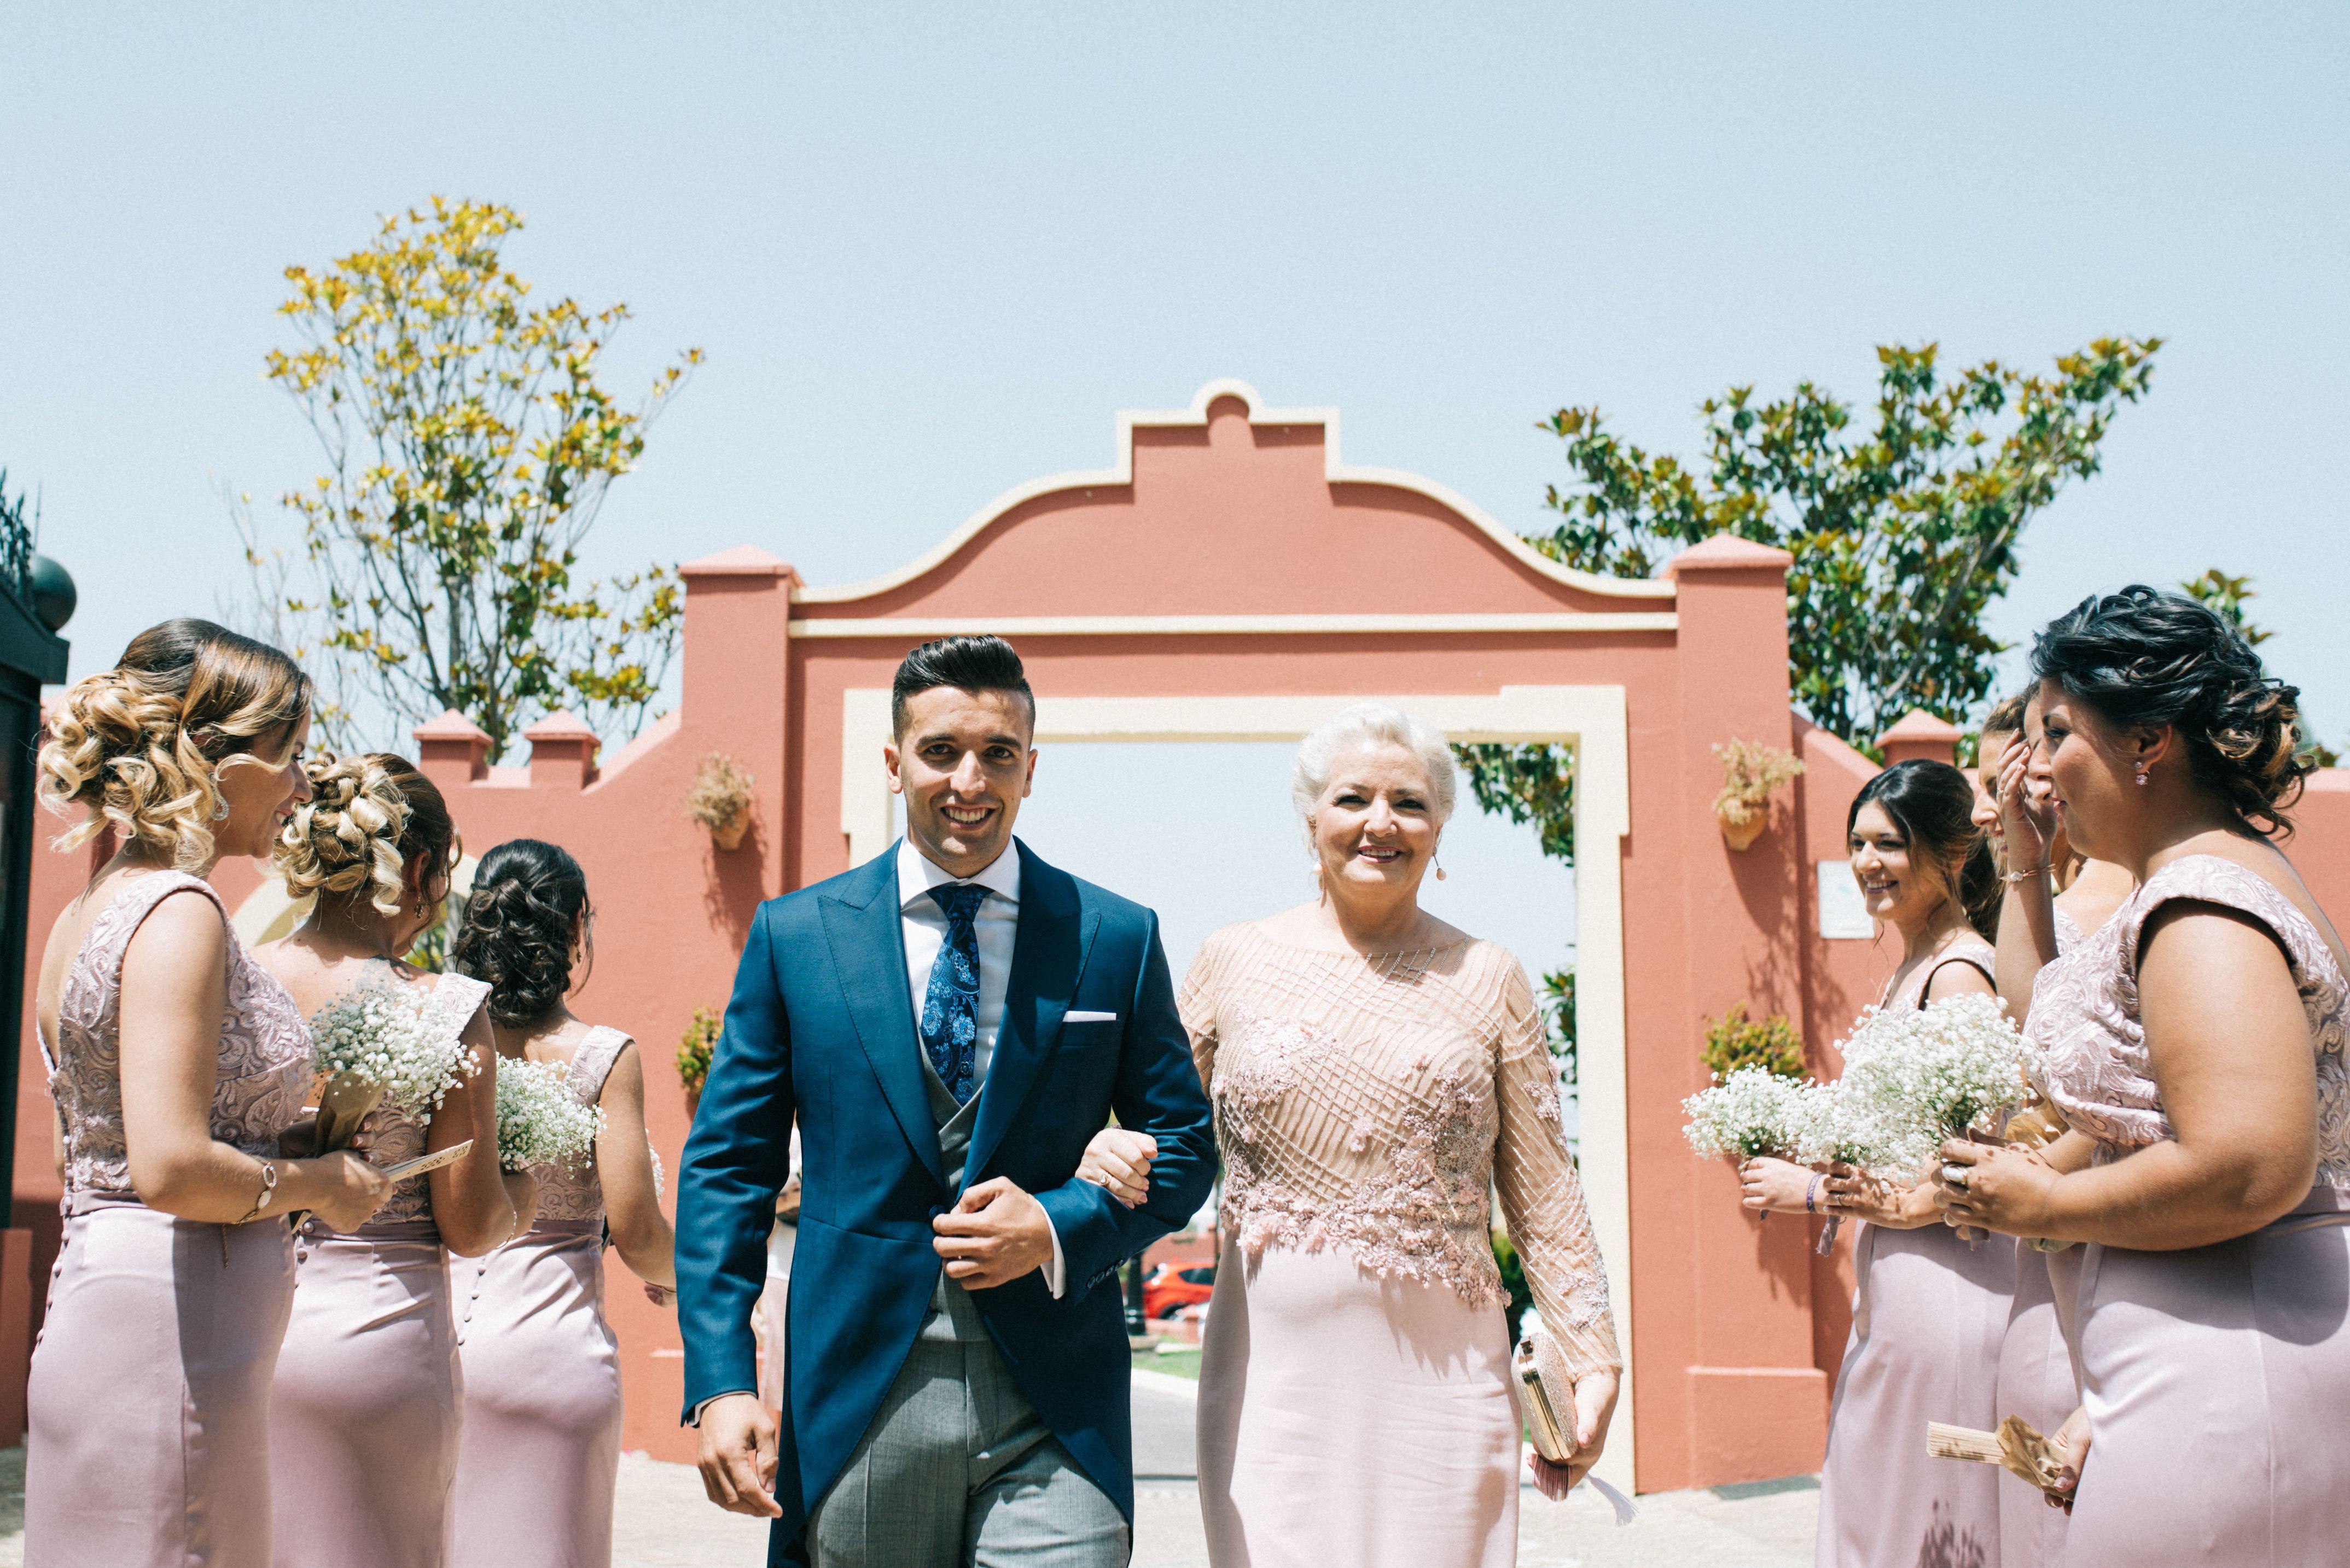 La boda de Roberto y Cristina 37